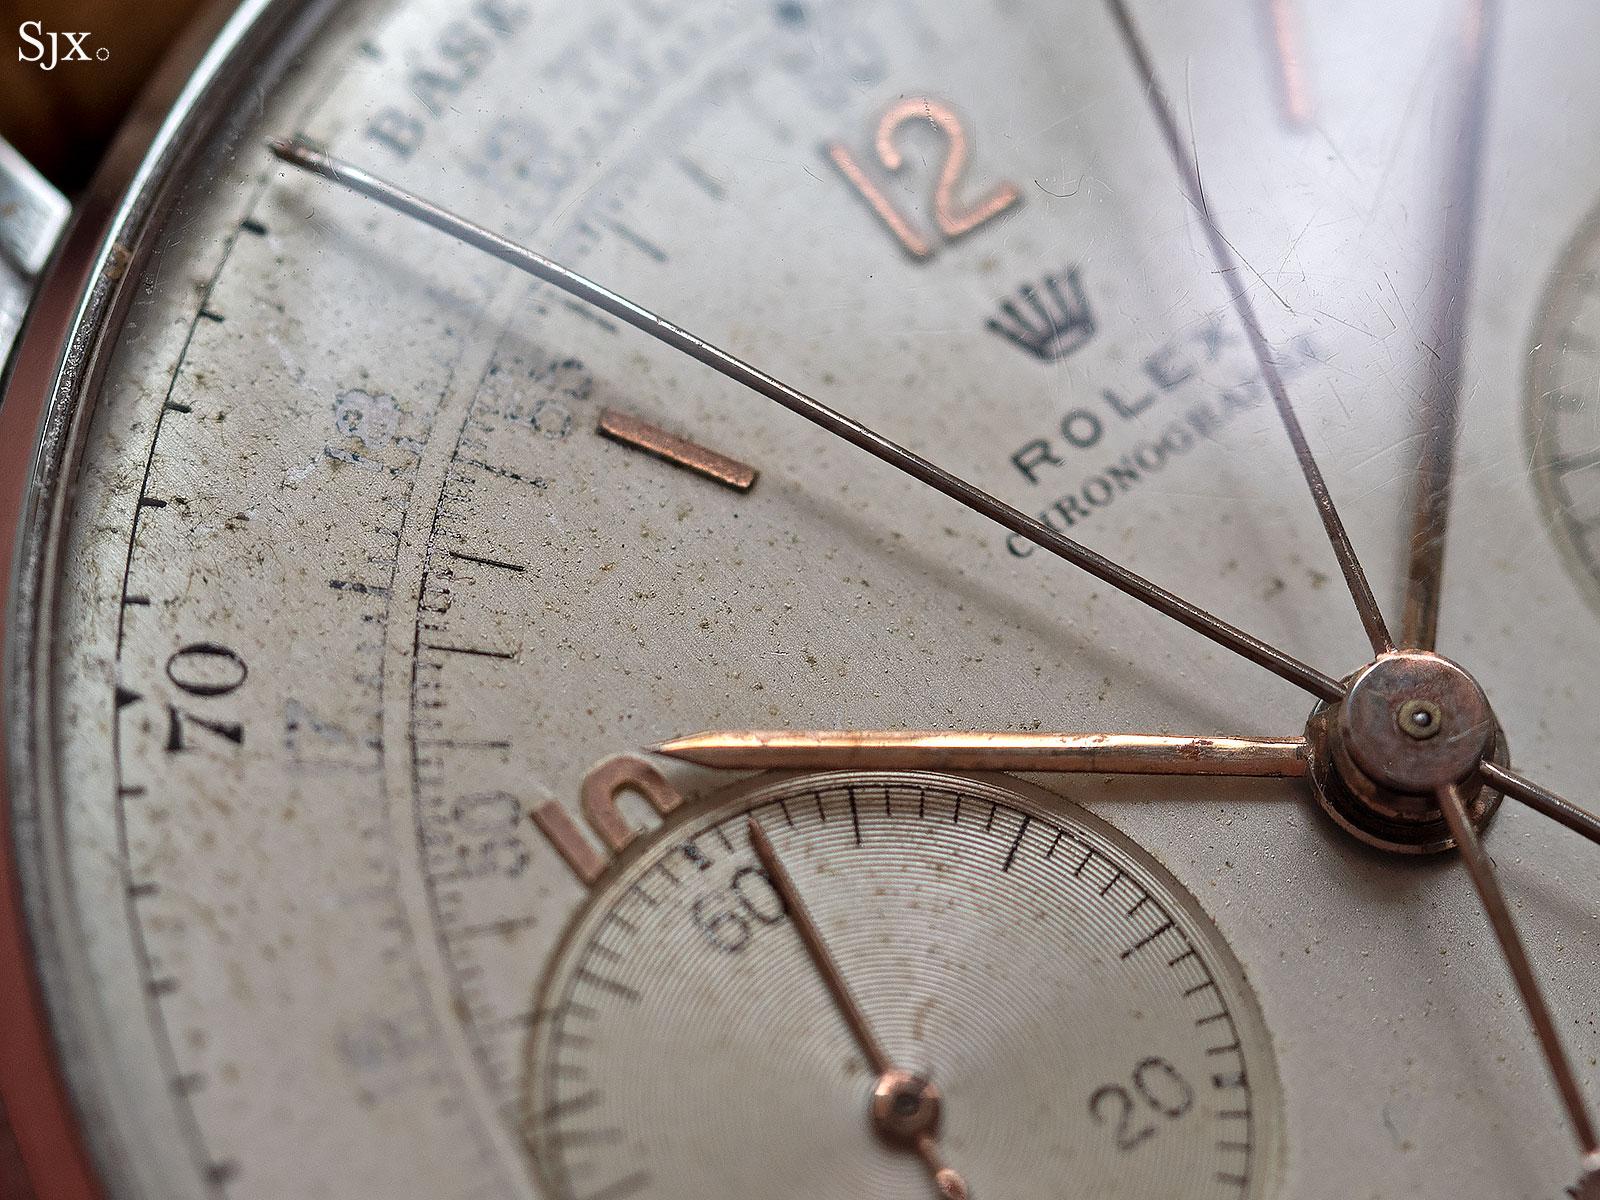 Rolex 4113 split seconds chronograph 4